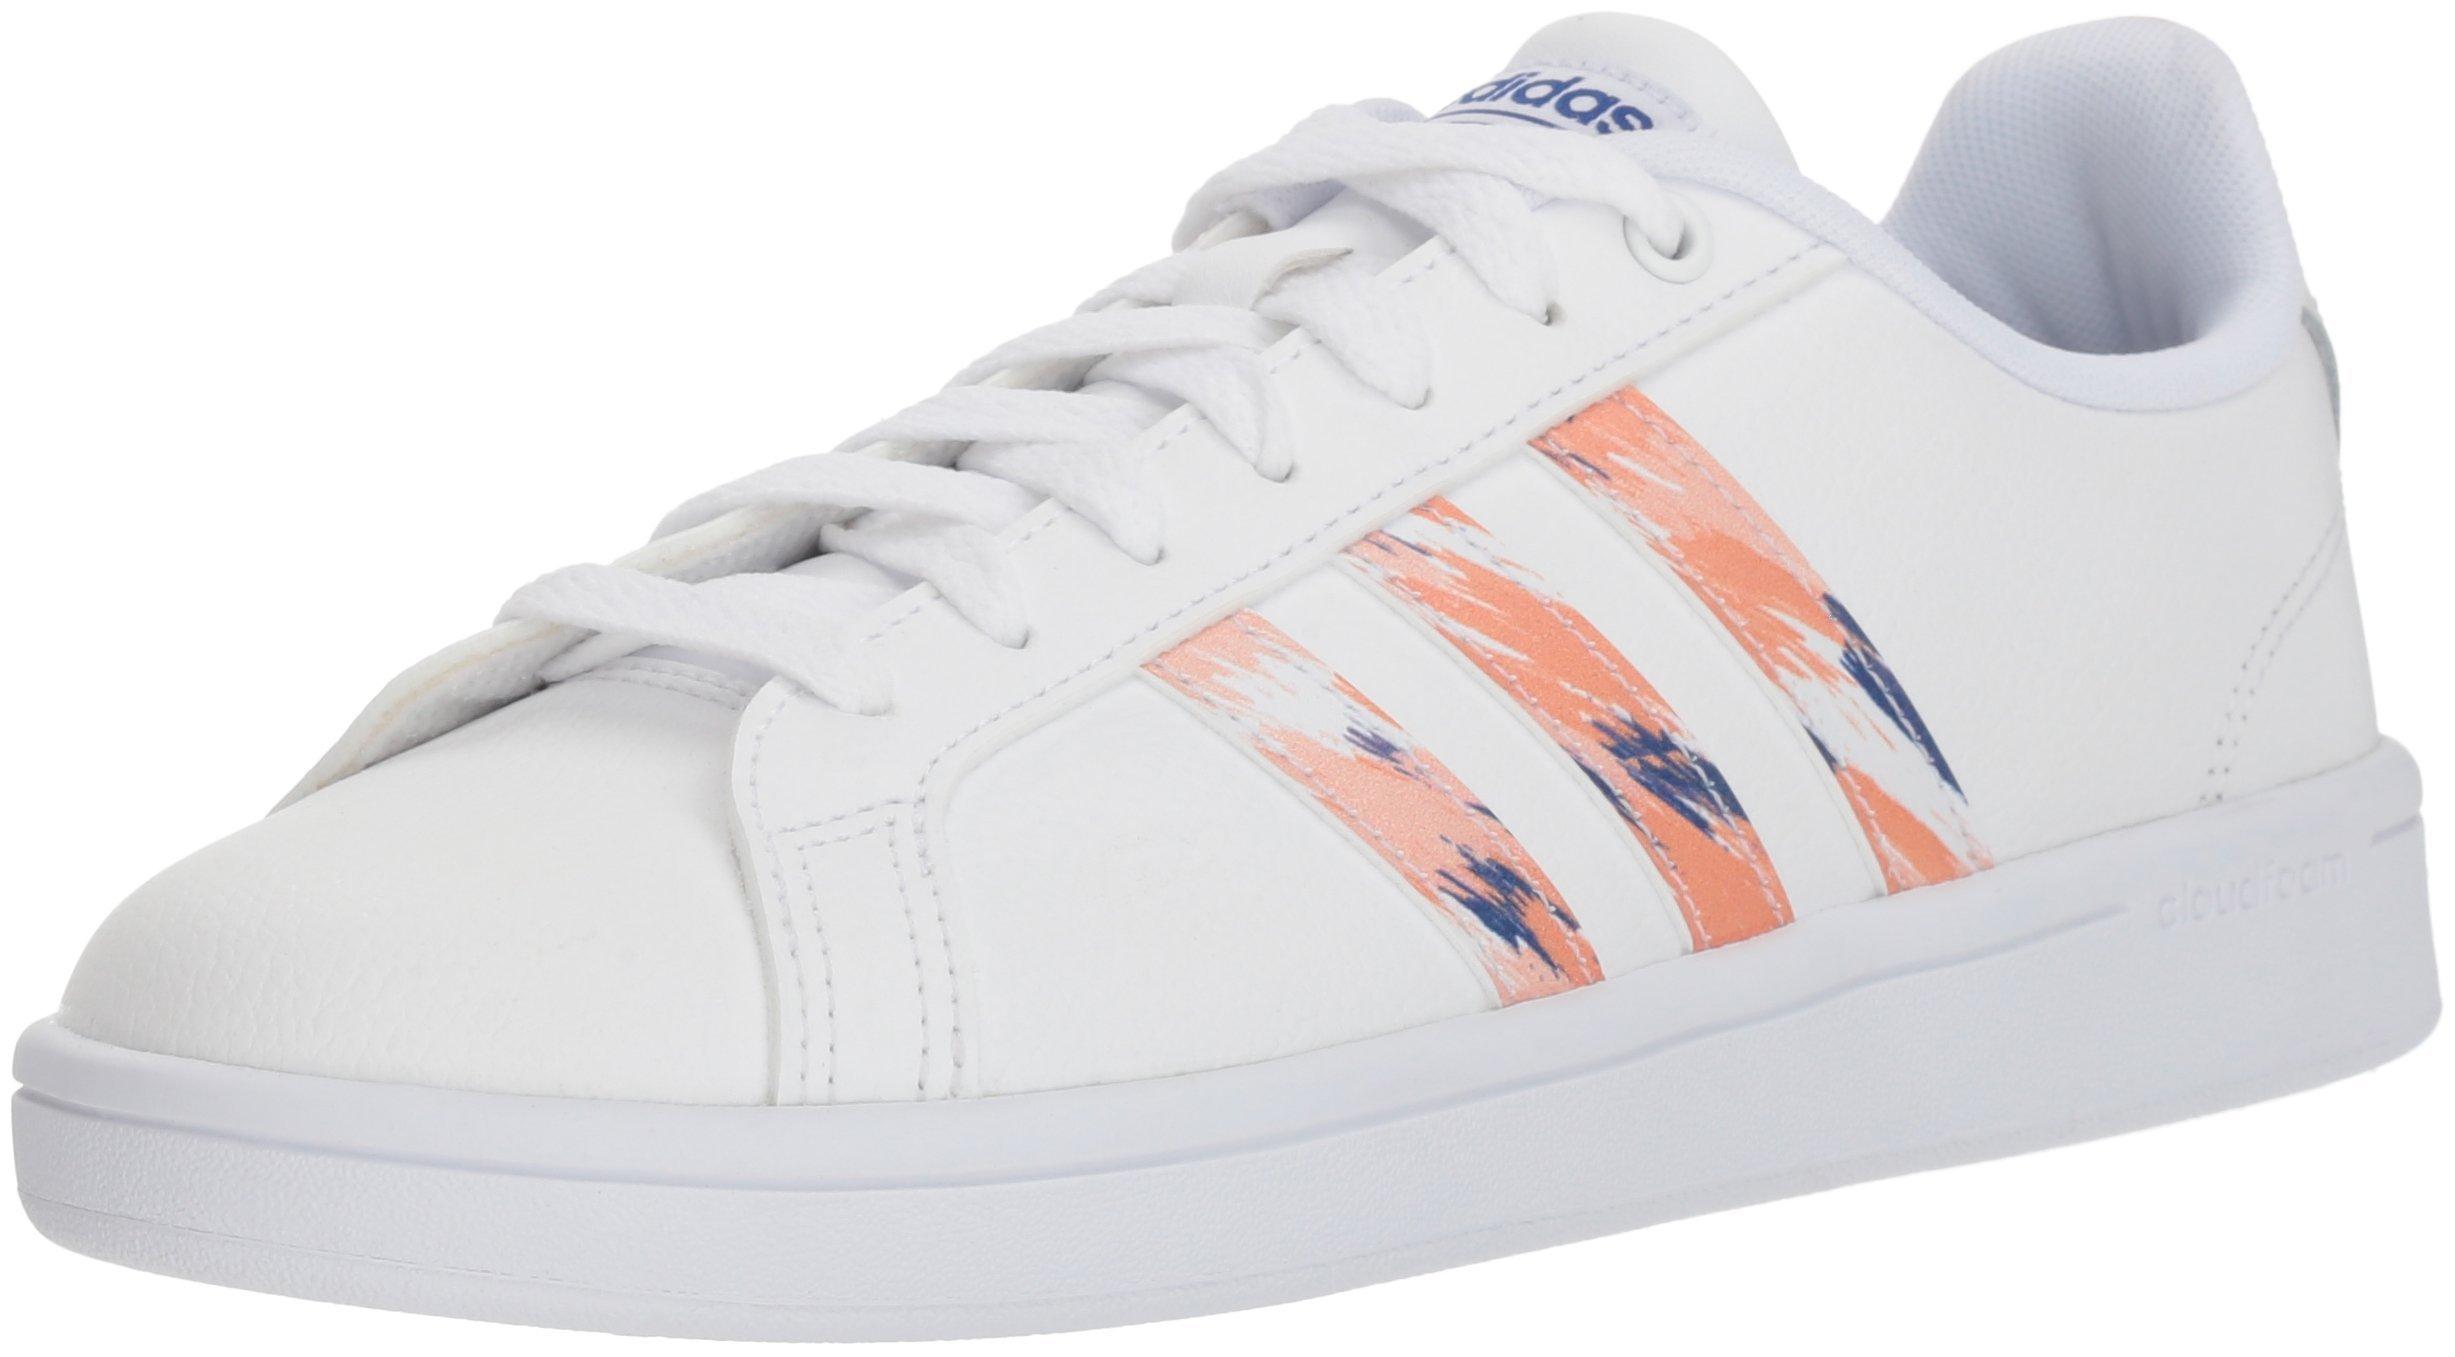 adidas Women's Cf Advantage Sneaker, White/Clear Orange/Chalk Coral 5 M US